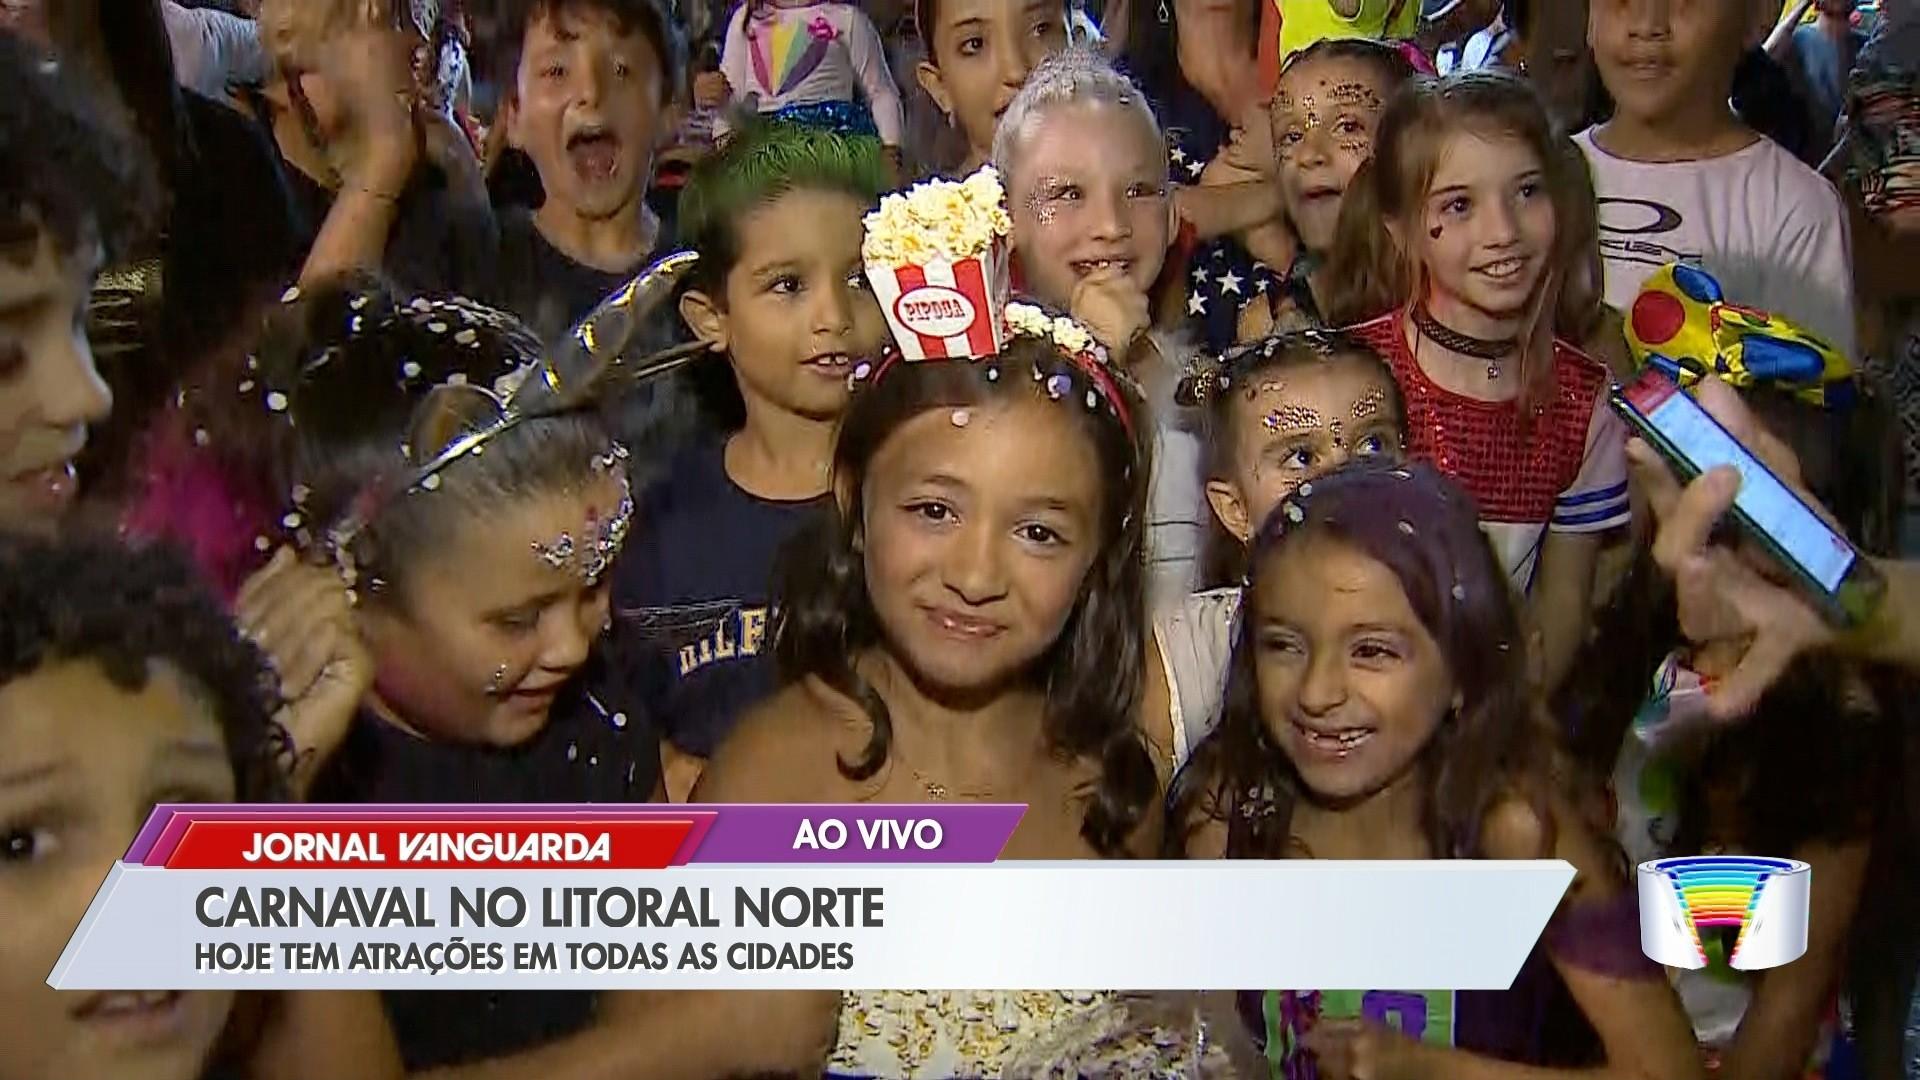 VÍDEOS: Jornal Vanguarda de sábado, 22 de fevereiro